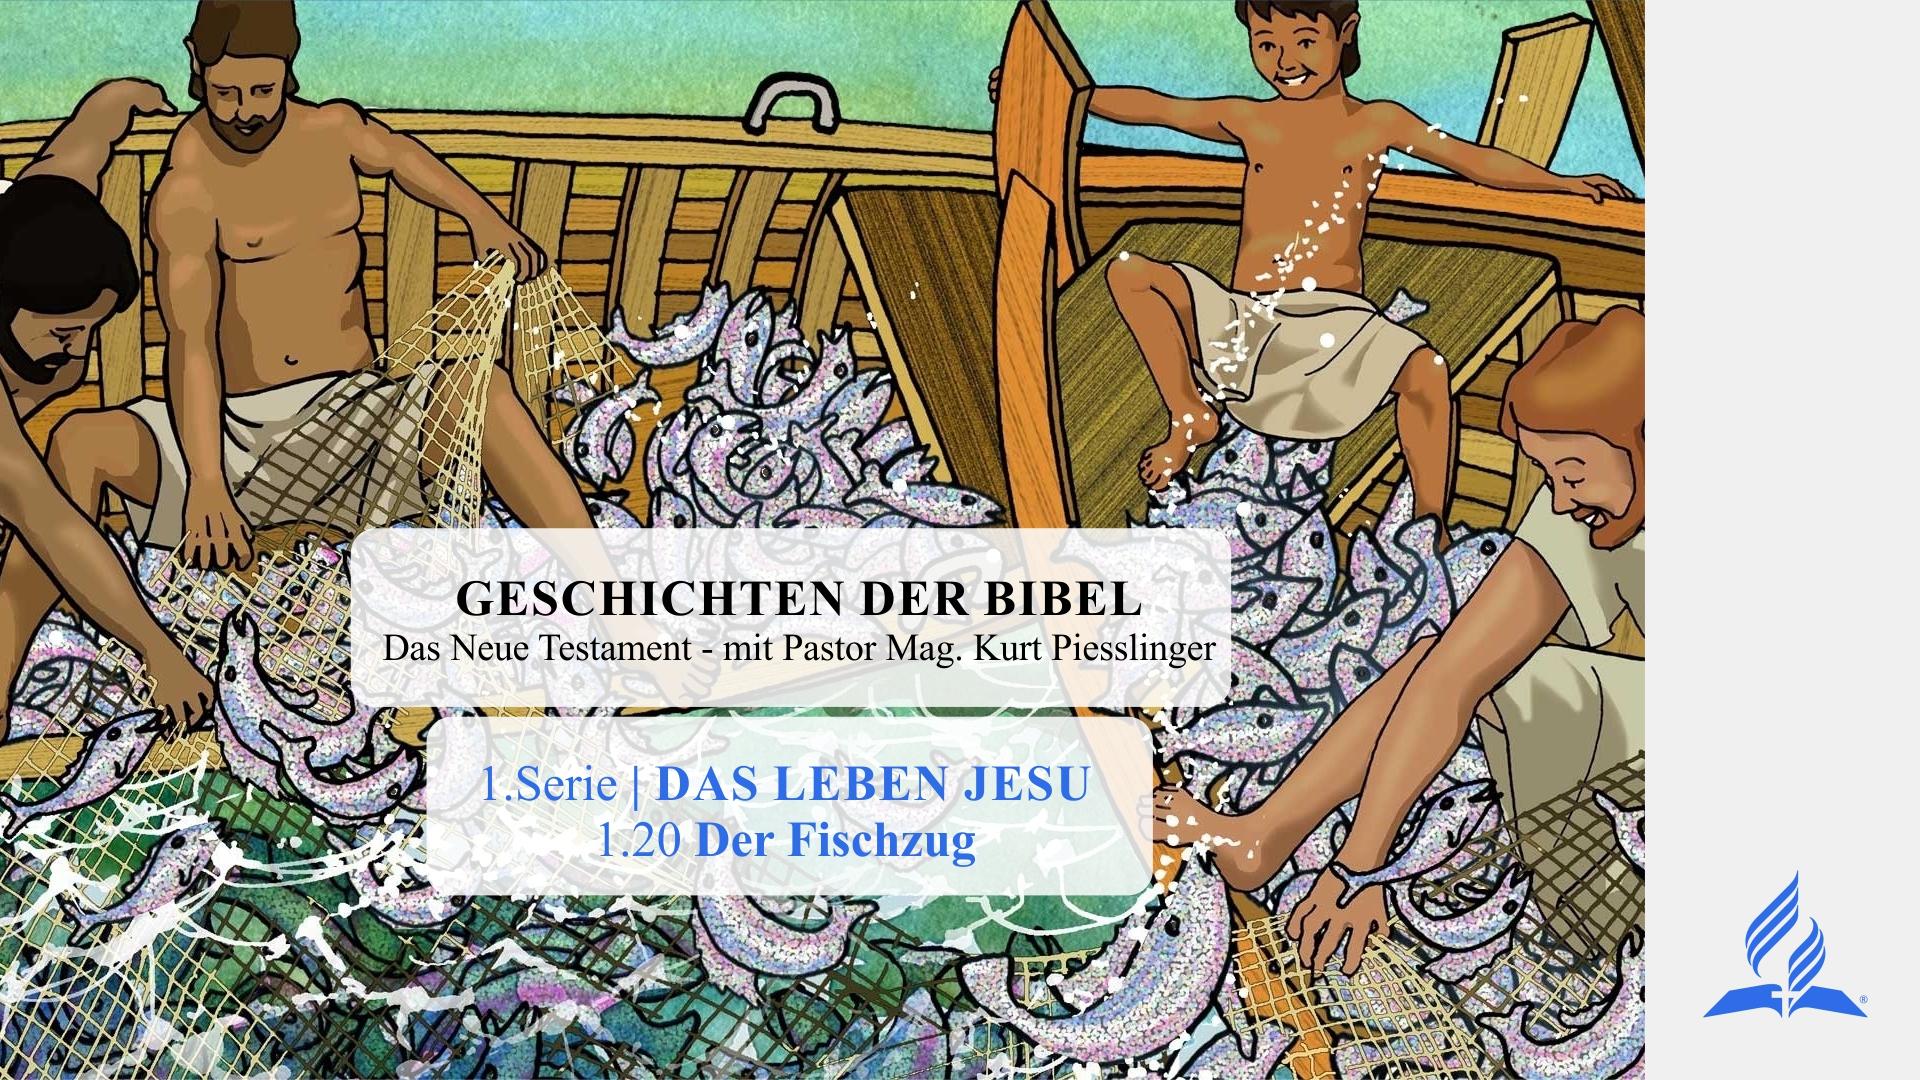 GESCHICHTEN DER BIBEL: 1.20 Der Fischzug – 1.DAS LEBEN JESU | Pastor Mag. Kurt Piesslinger